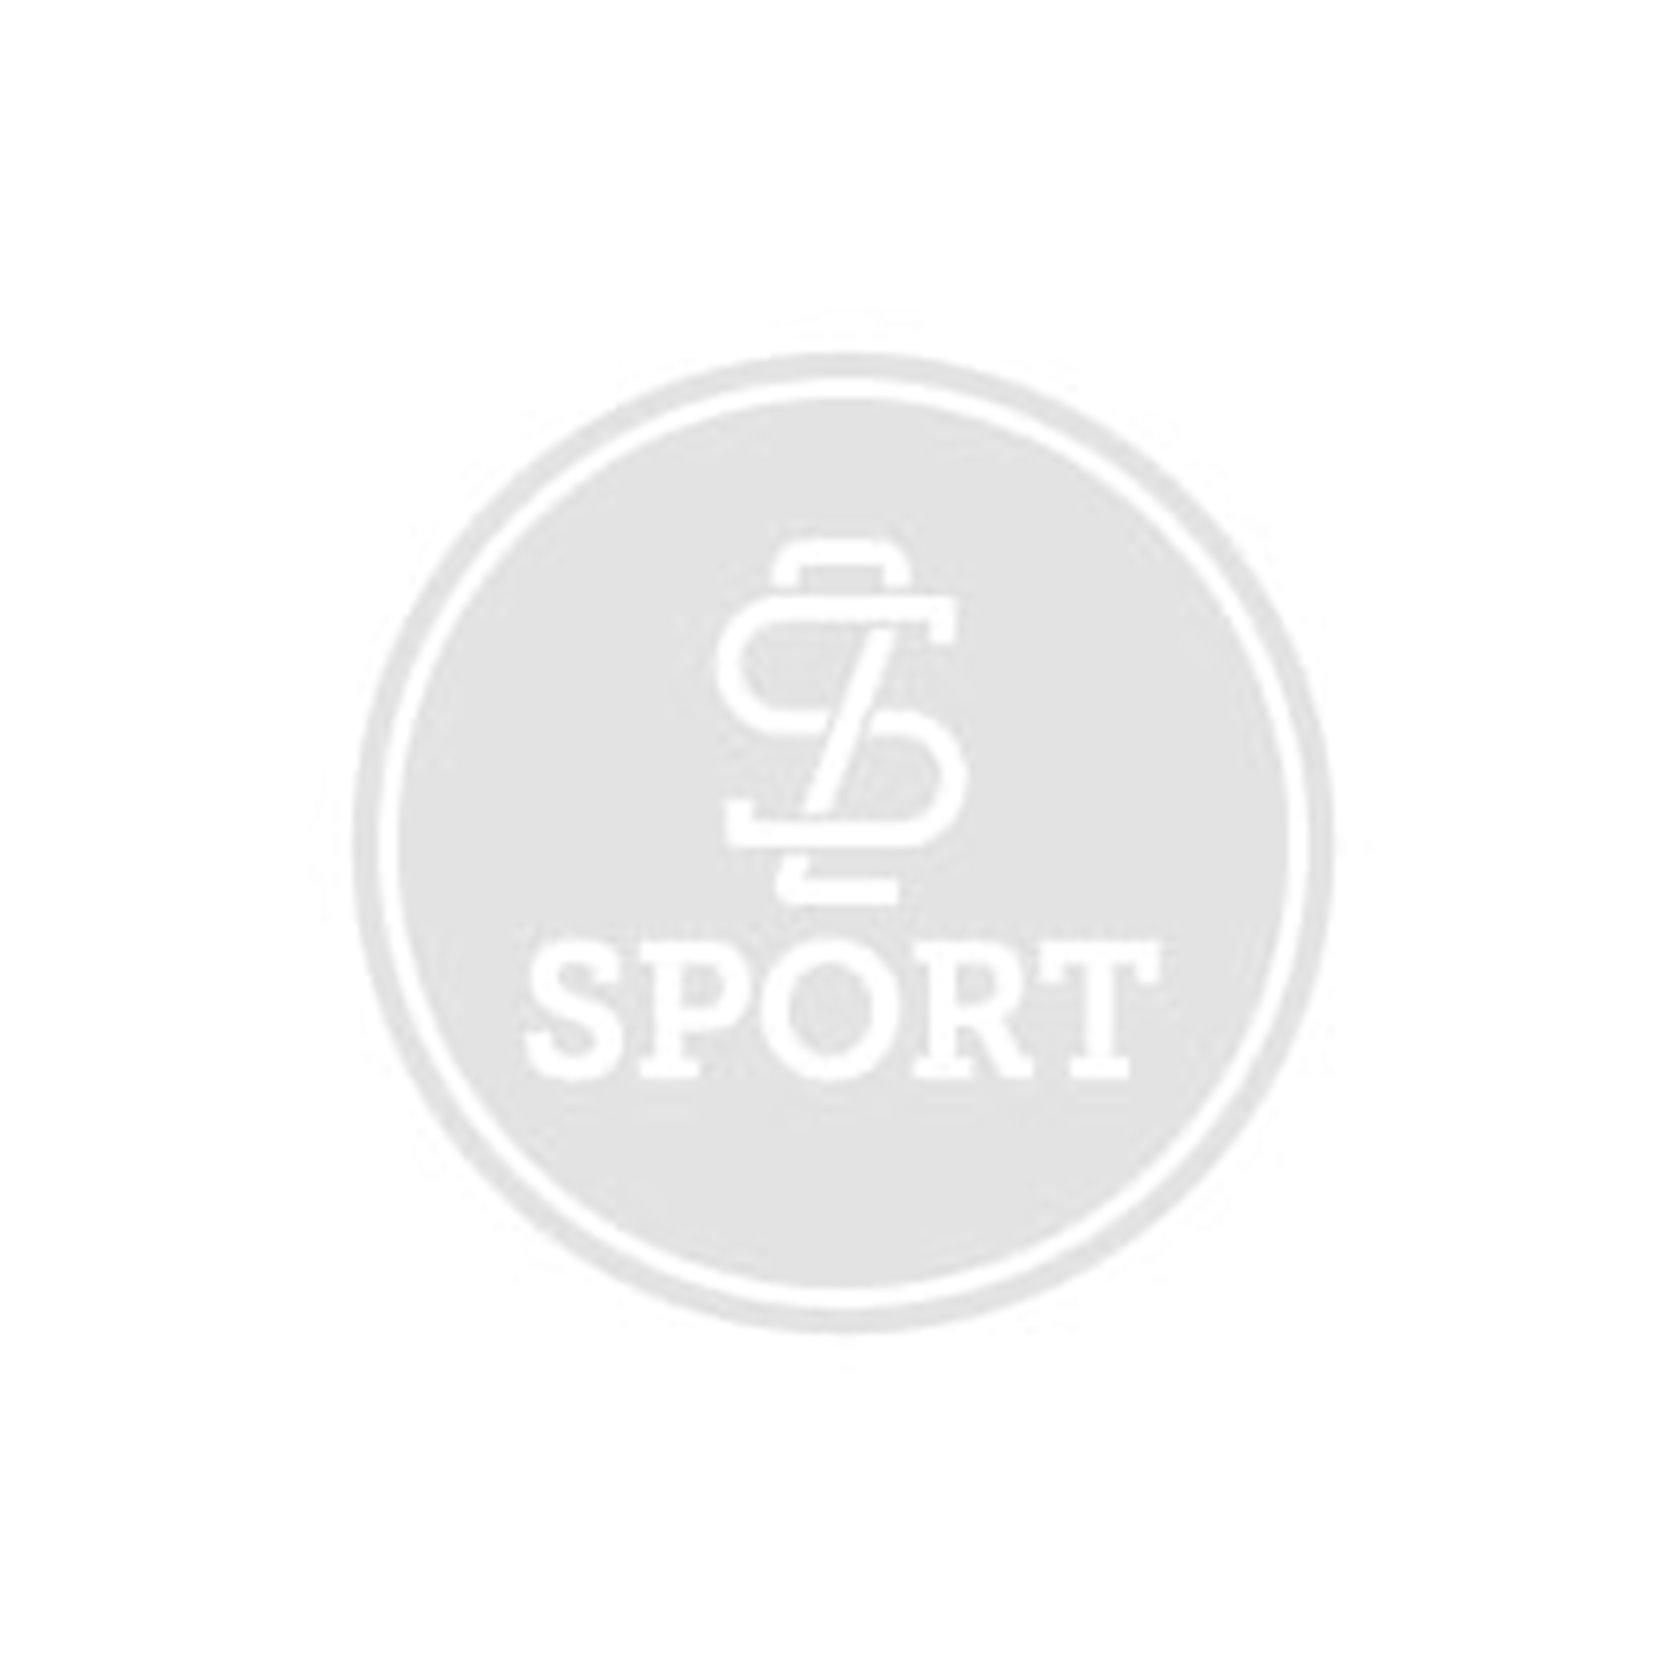 Ağır atletika üçün əlcəklər Toorx Suede and Lilac Micro Mesh AHF-027, Uniseks, Yapışqanlı kəmər, Zamşa/Dəri, Boz, Ölçü M